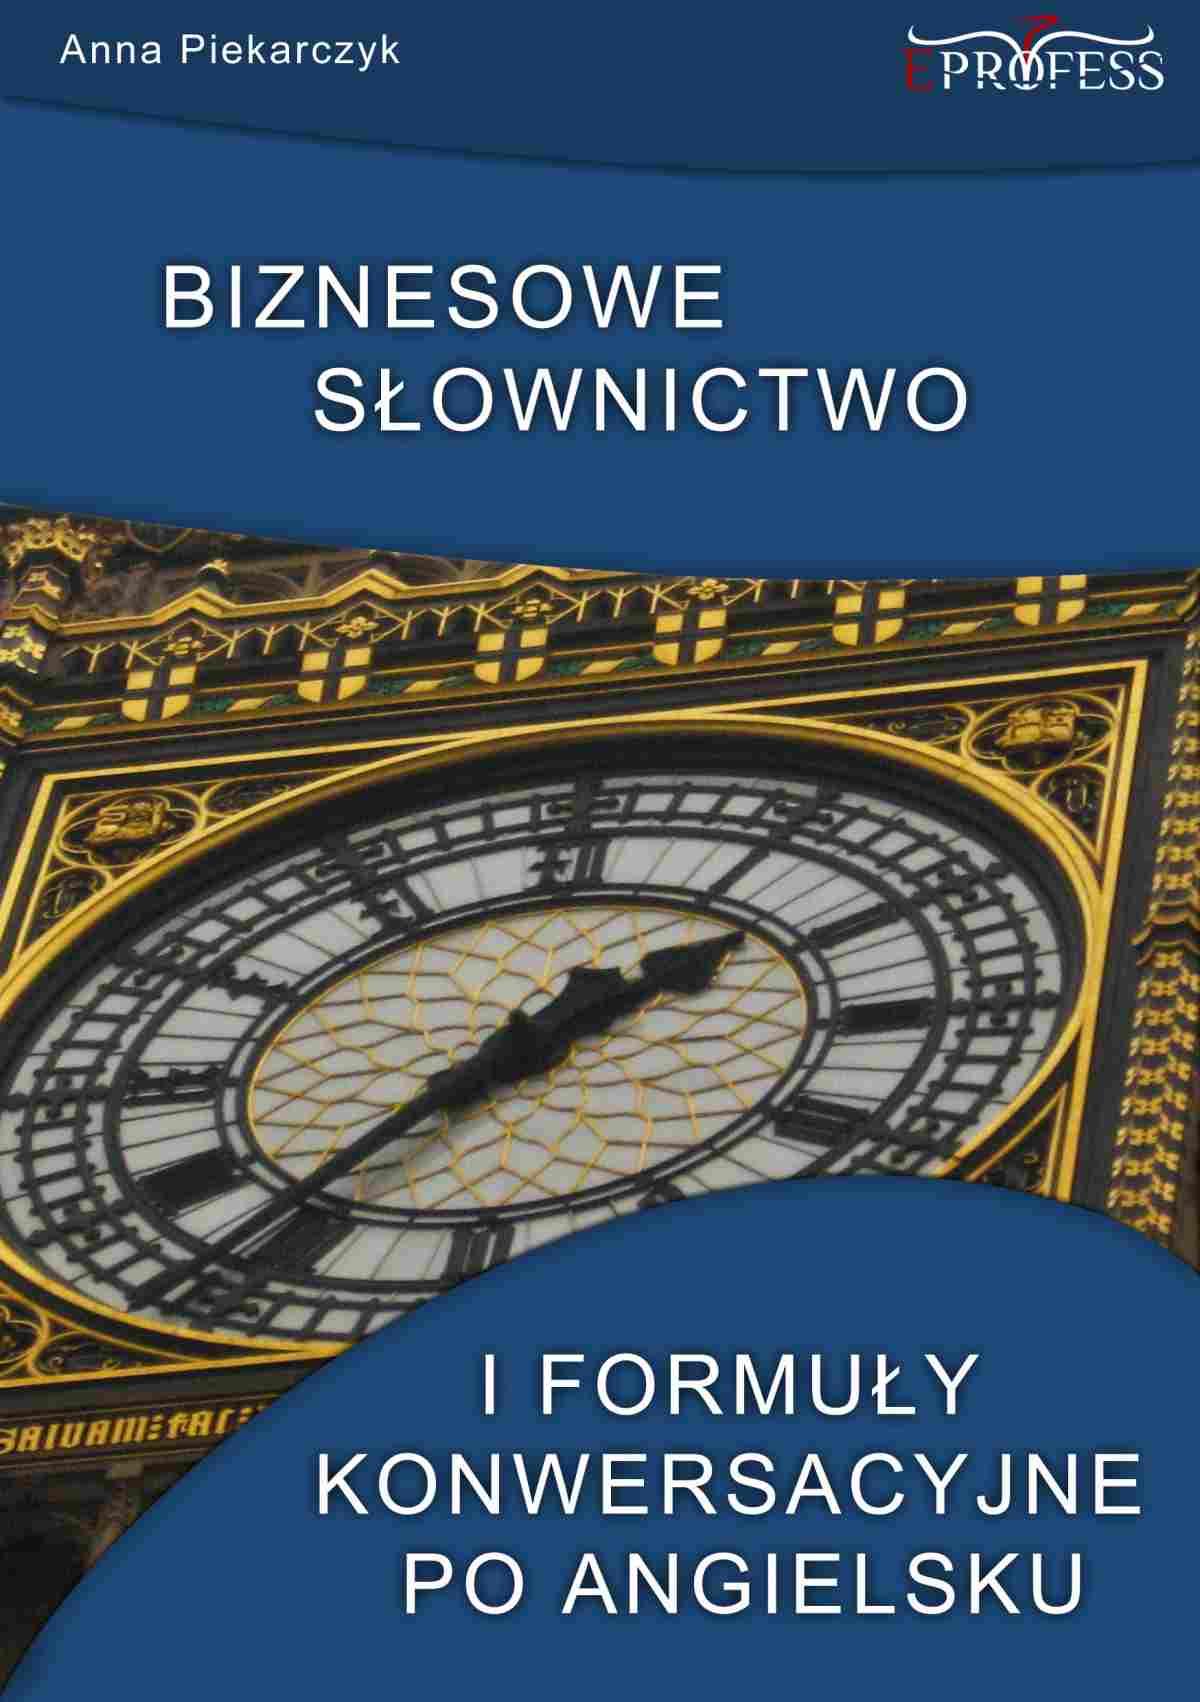 Biznesowe słownictwo i formuły konwersacyjne po angielsku - Ebook (Książka EPUB) do pobrania w formacie EPUB